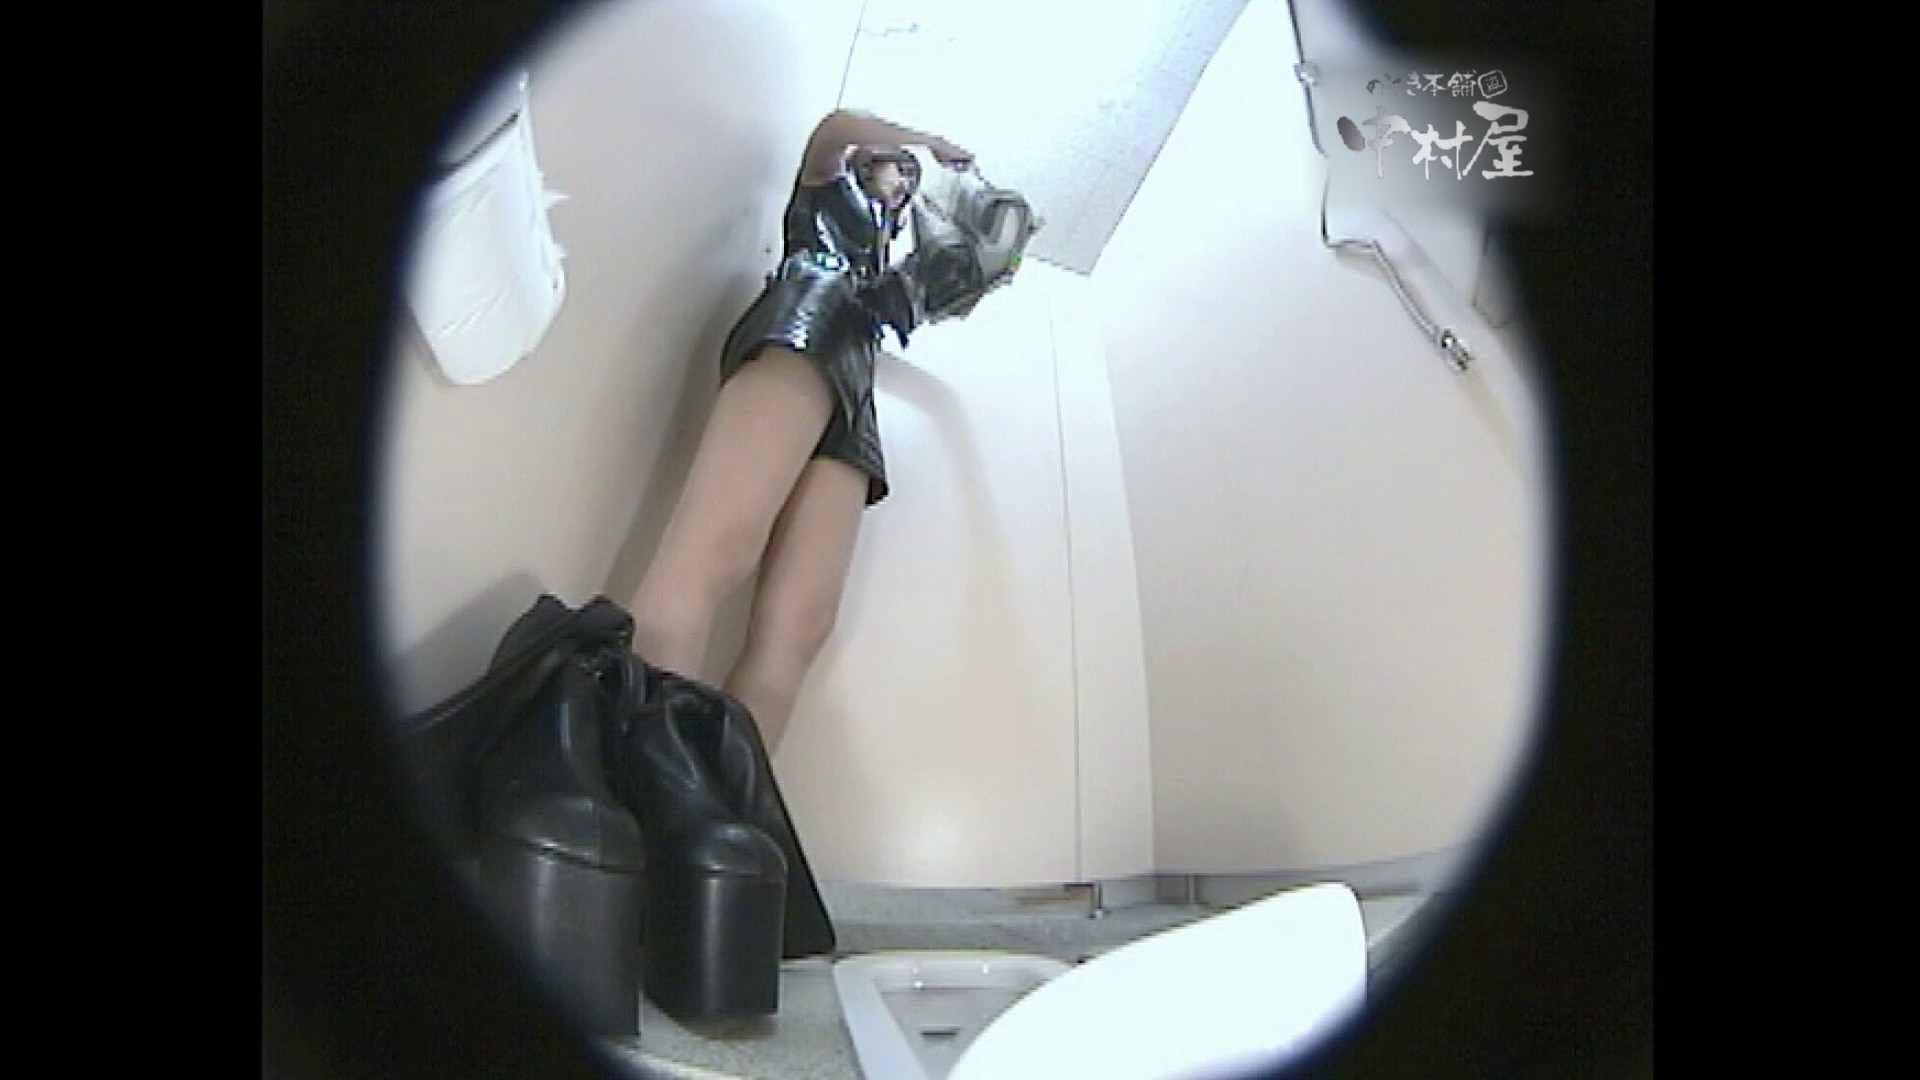 レースクィーントイレ盗撮!Vol.19 美しいOLの裸体 アダルト動画キャプチャ 75pic 46